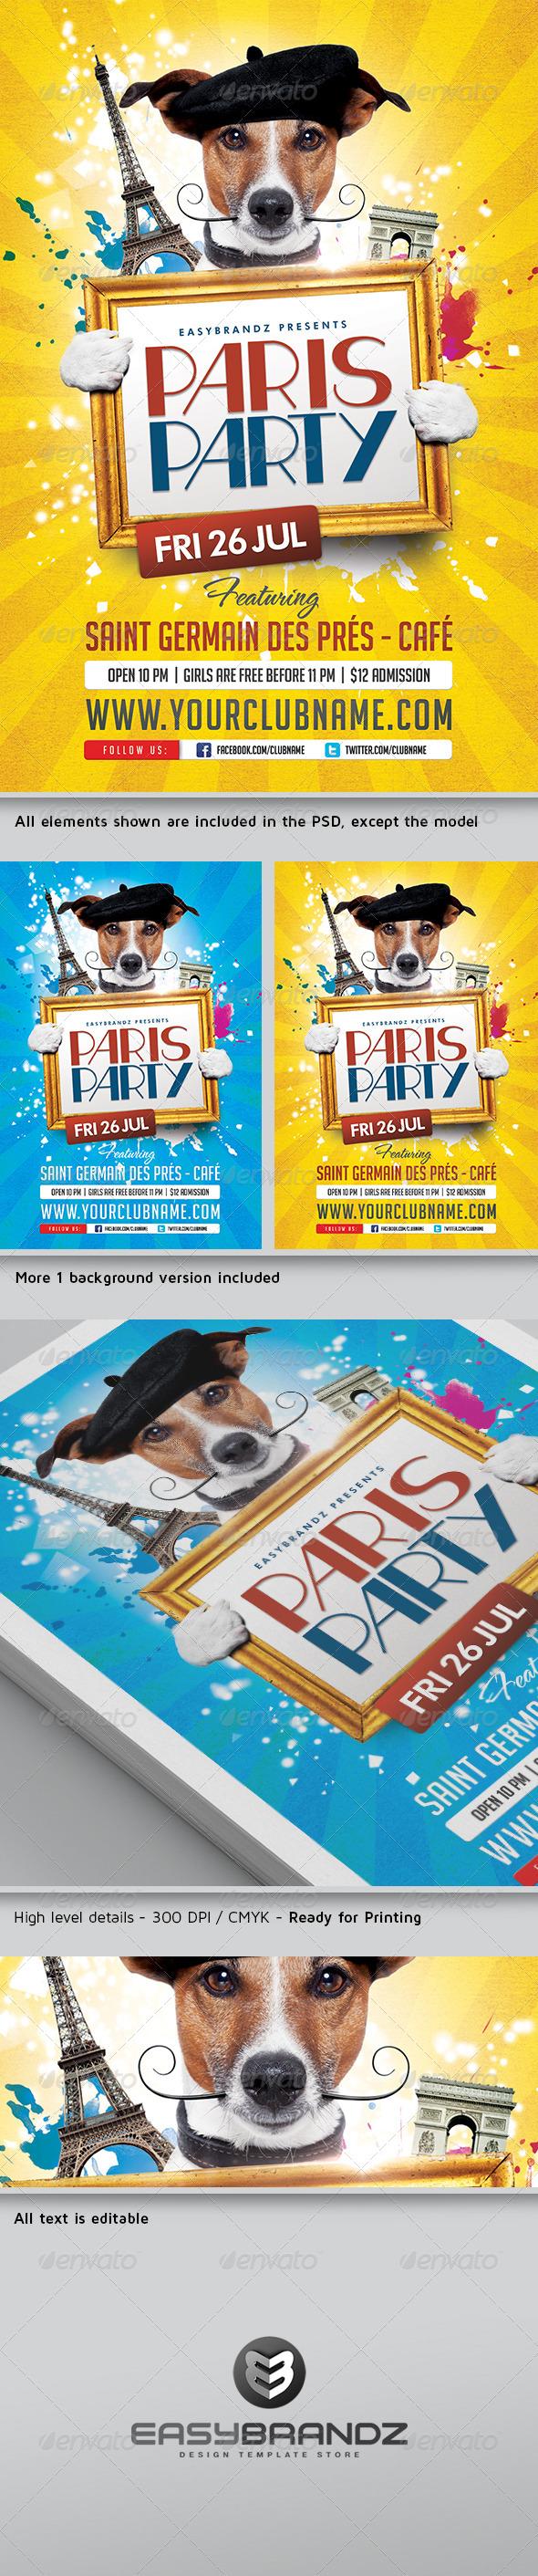 GraphicRiver Paris Party Flyer Template 5062412